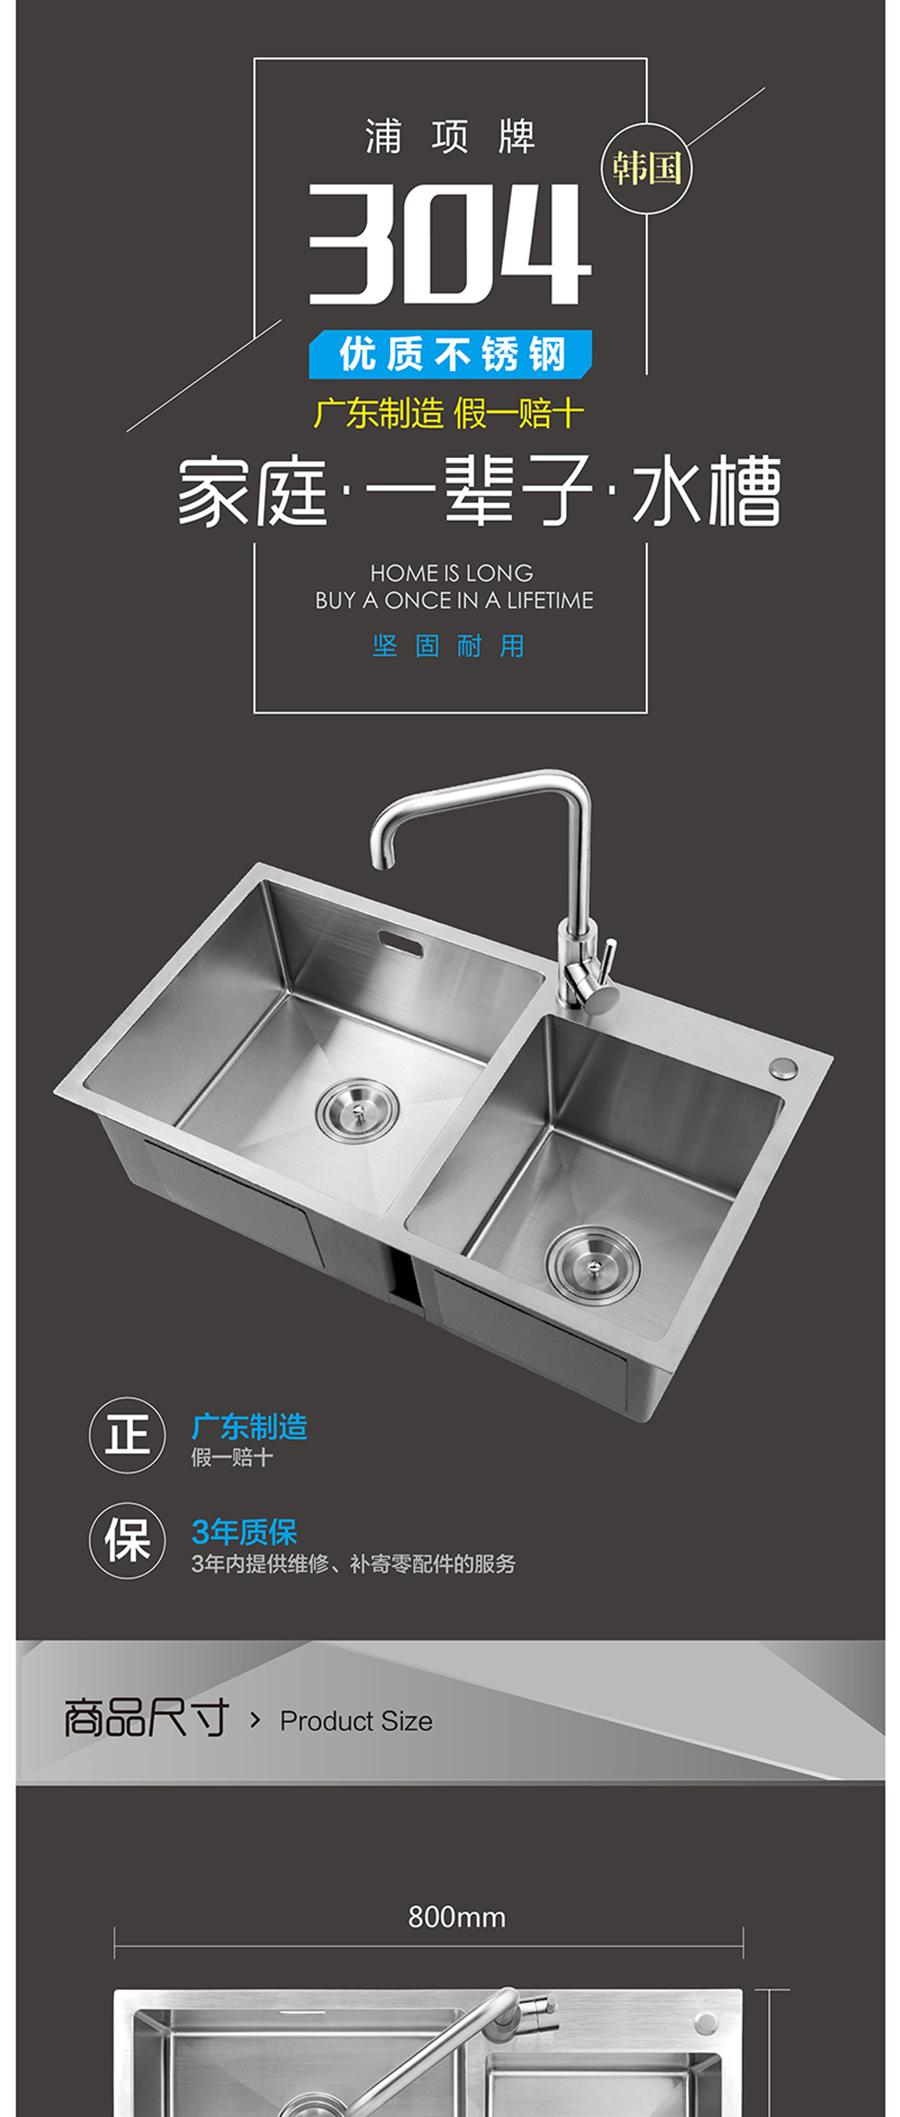 GOHGOH水槽,双槽304不锈钢水槽